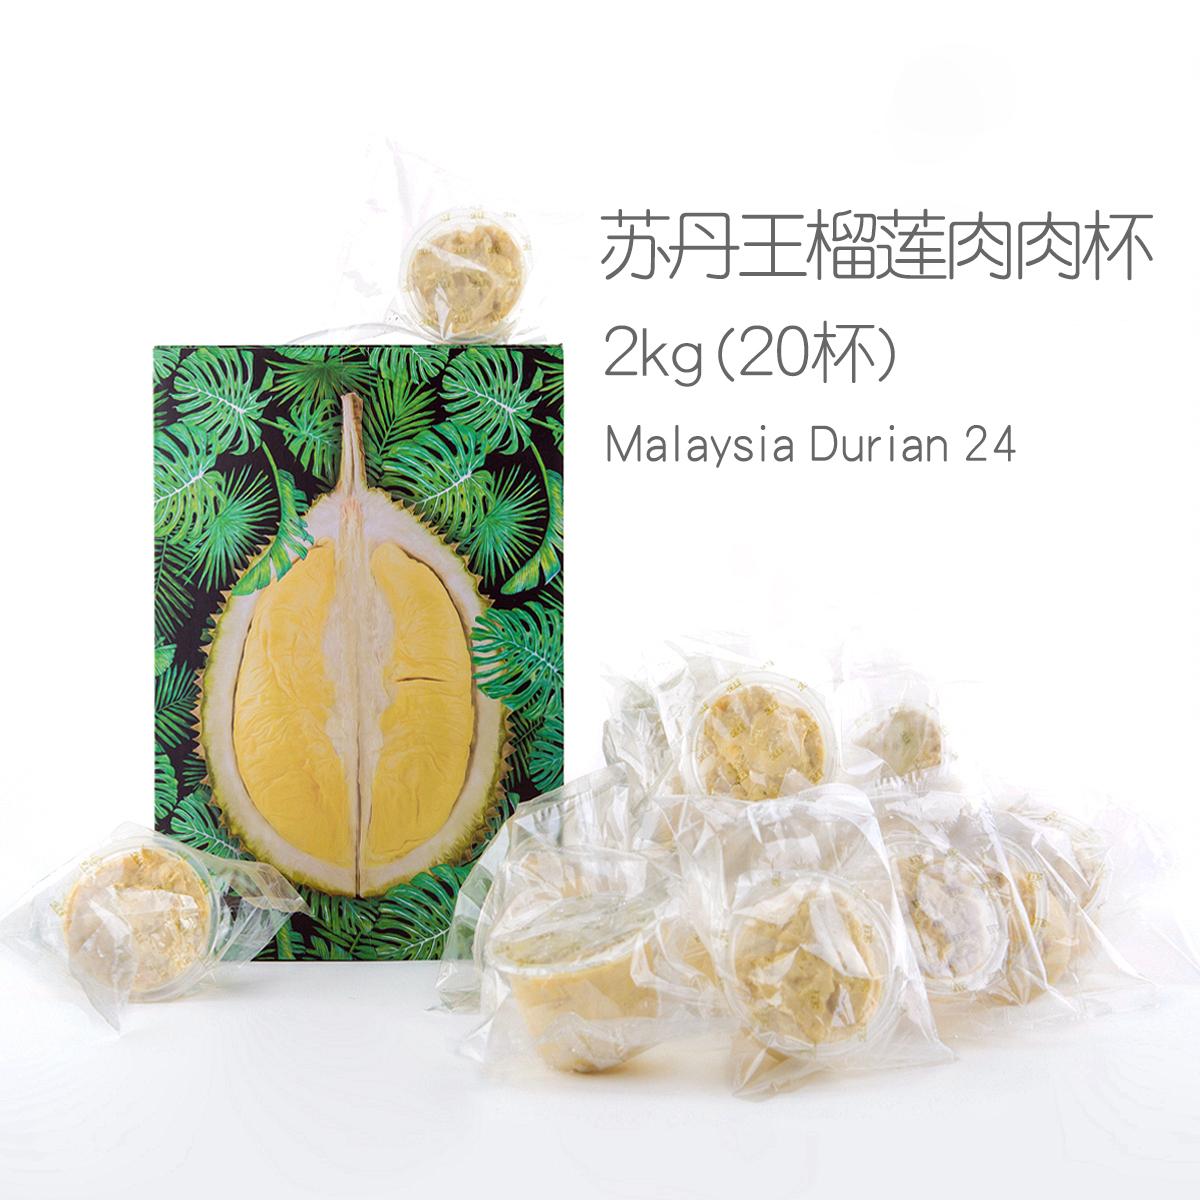 (用30元券)d24-xo肉肉马来西亚苏丹王榴莲杯